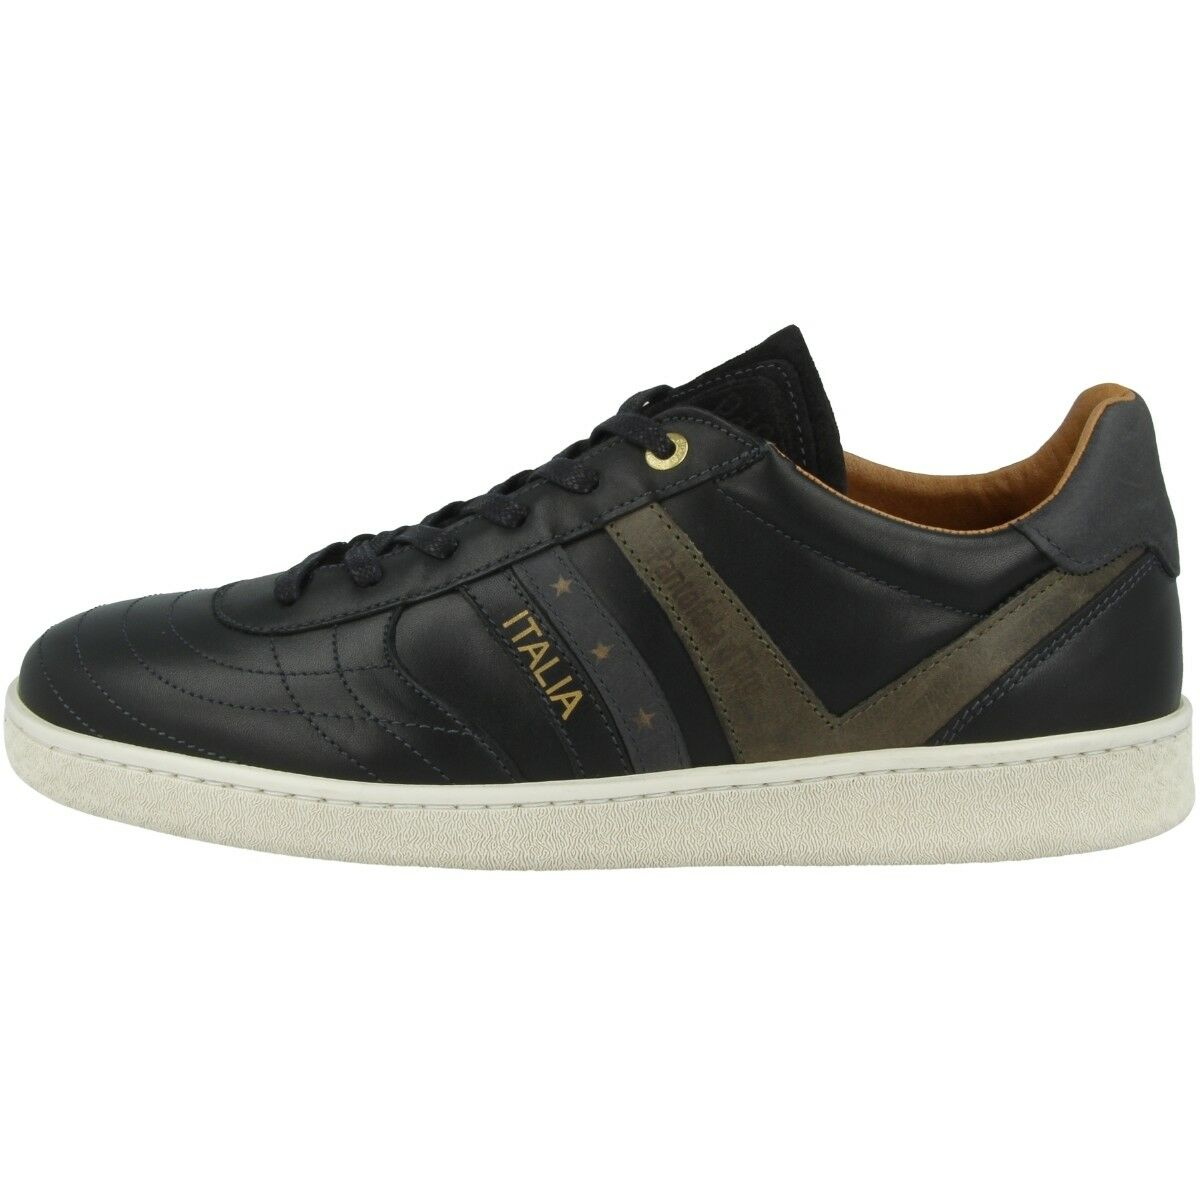 Pantofola d  Oro Bari  d Herren Niedrig Schuhe Herren Freizeit Sneaker schwarz 10183043.25Y 6cfc47